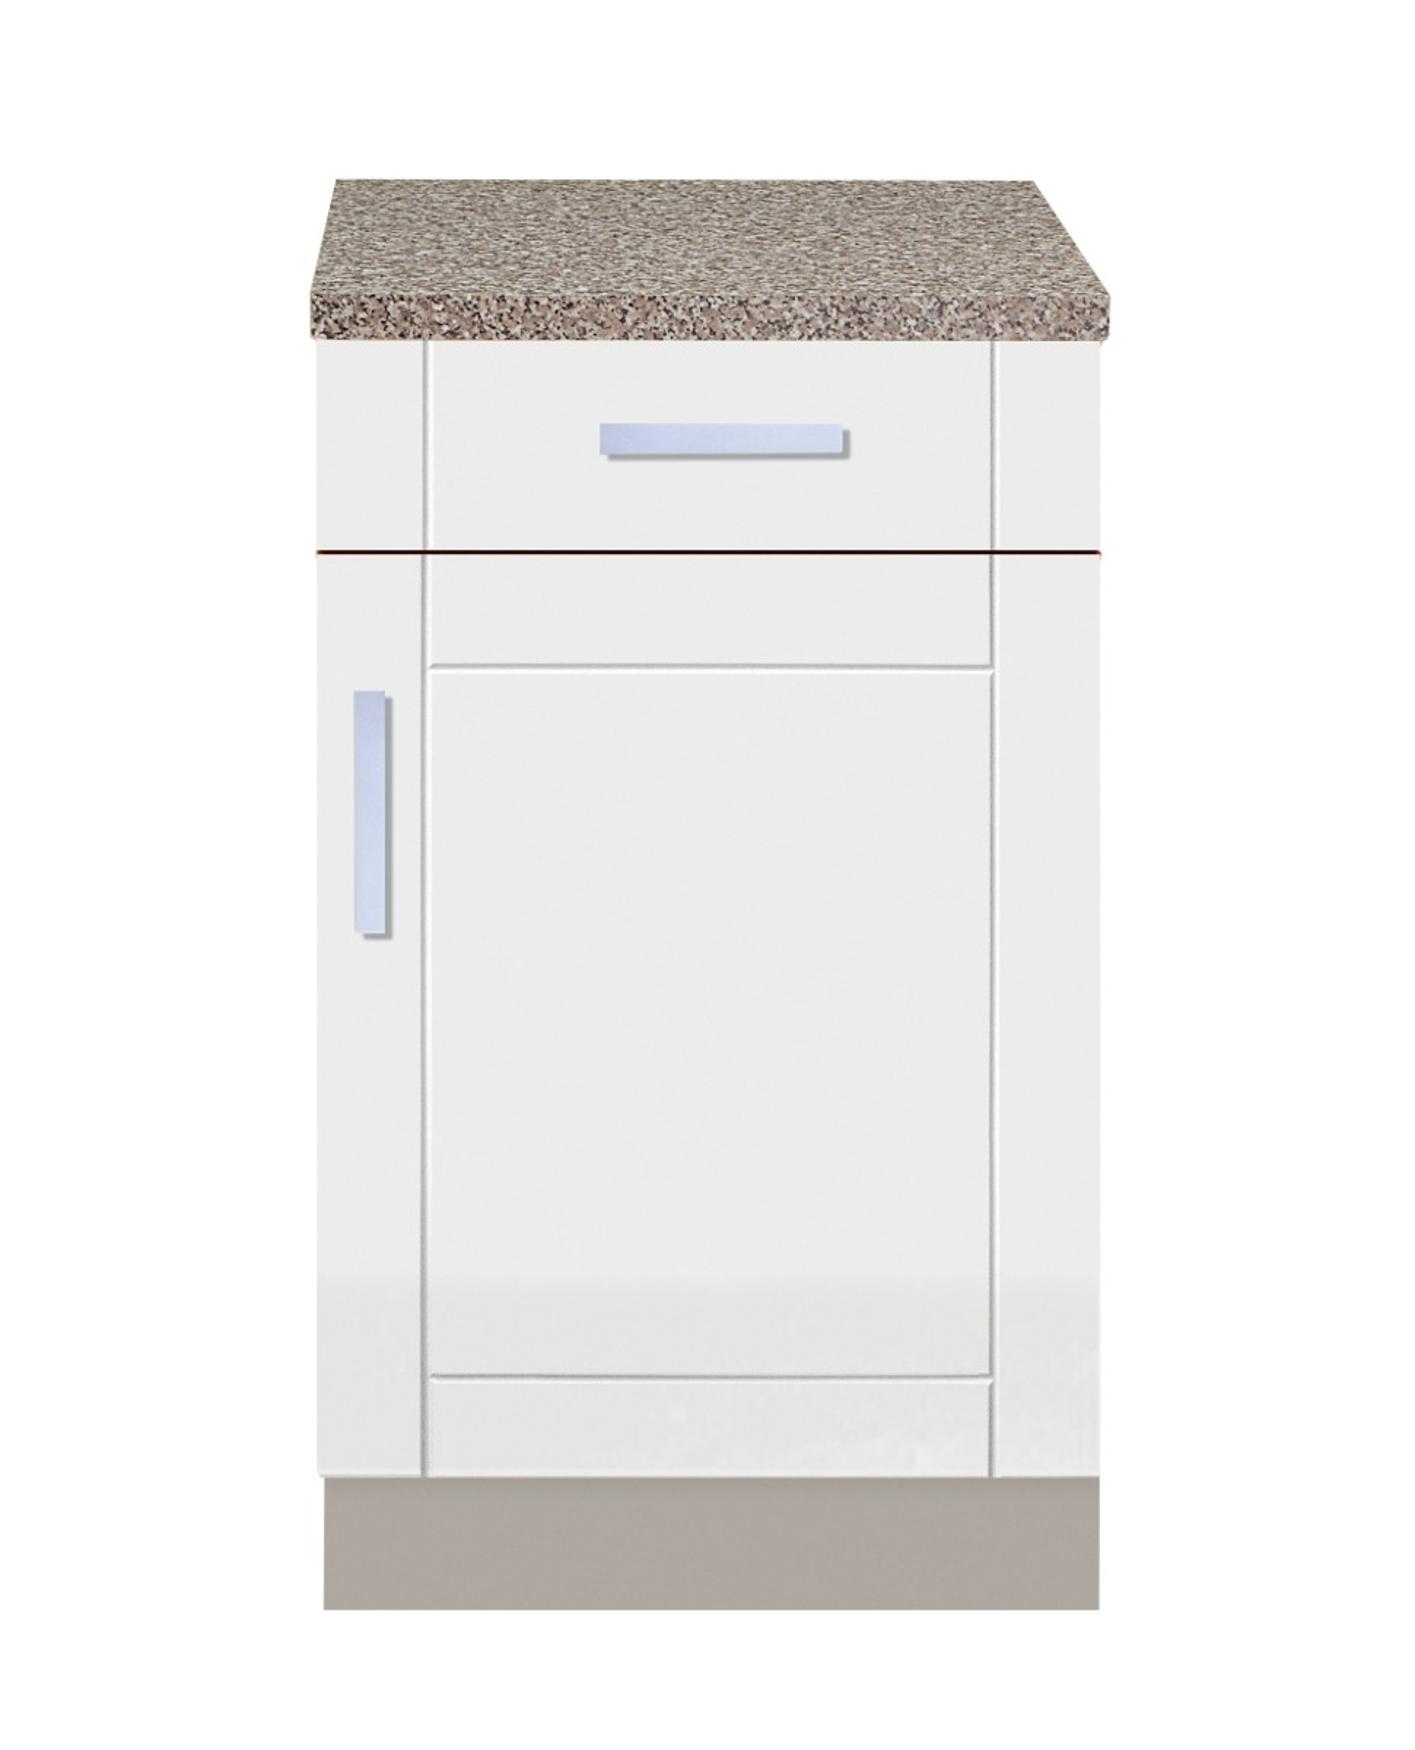 Wunderbar Küchen Unterschrank VAREL Küchenschrank 1 Tür 1 Schubkasten 50 X 60 Cm Weiss